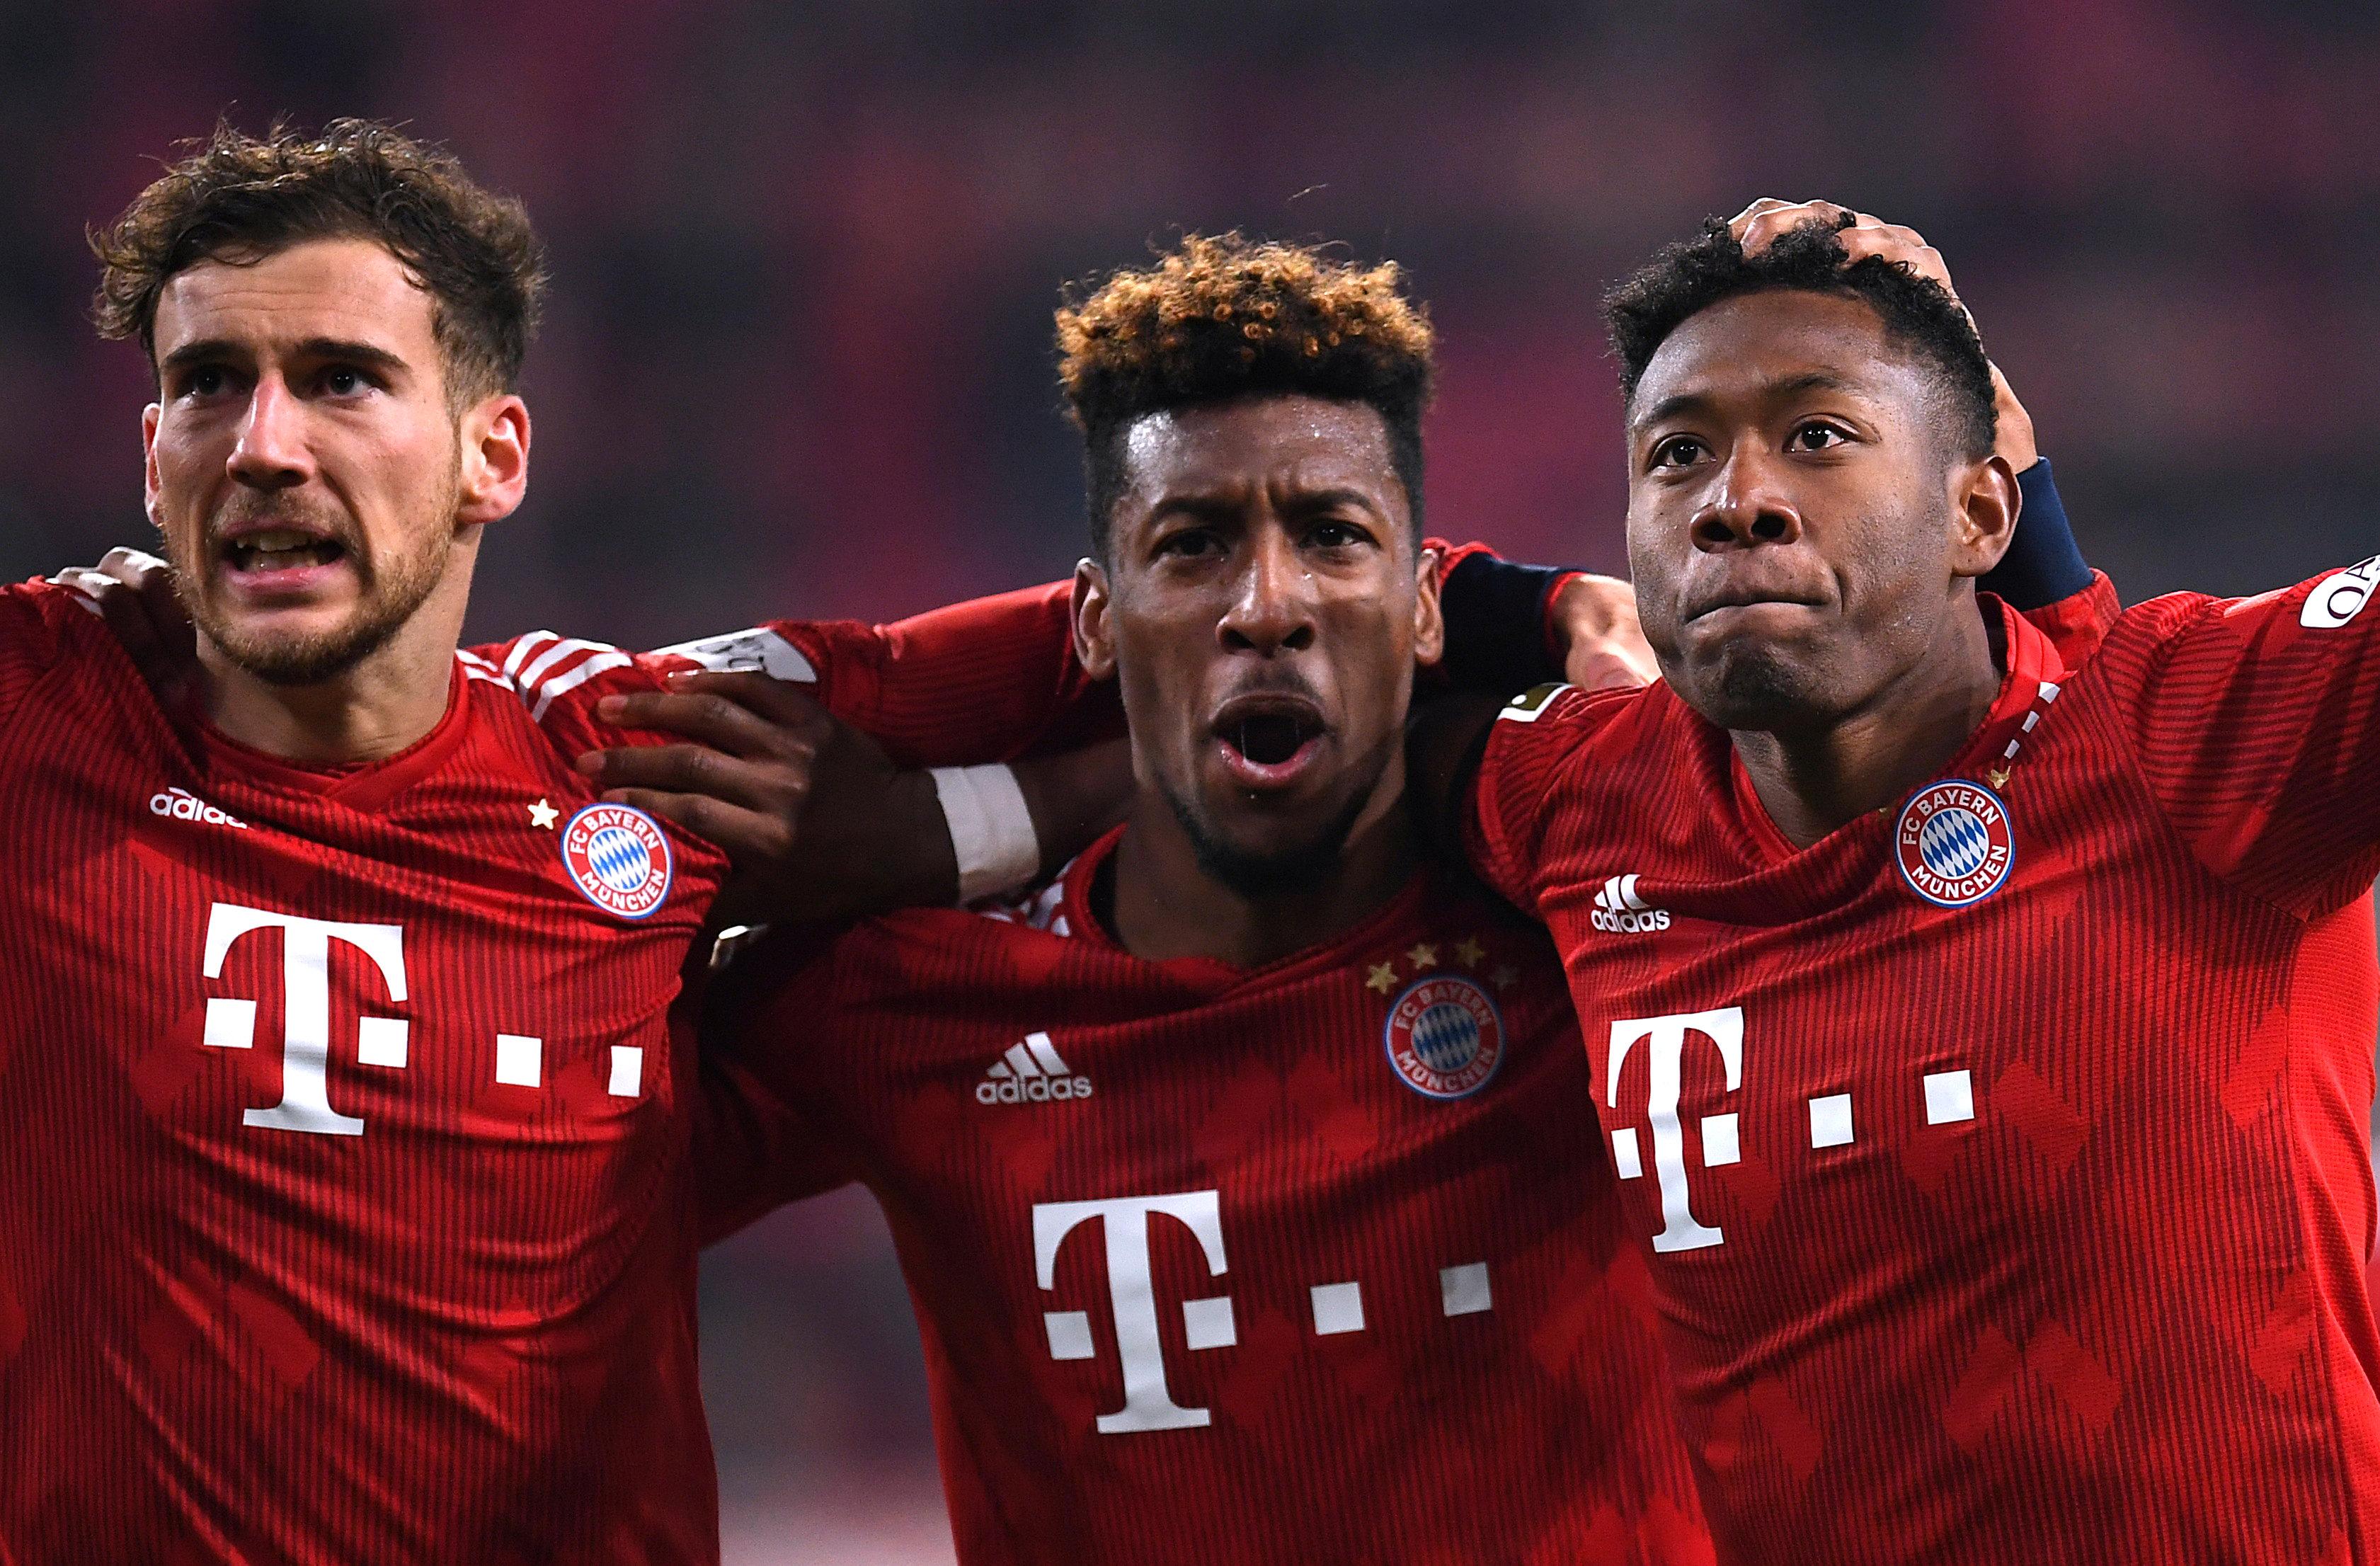 En fotos: Bayern Múnich logra la voltereta ante Augsburg y queda a dos puntos del Dortmund